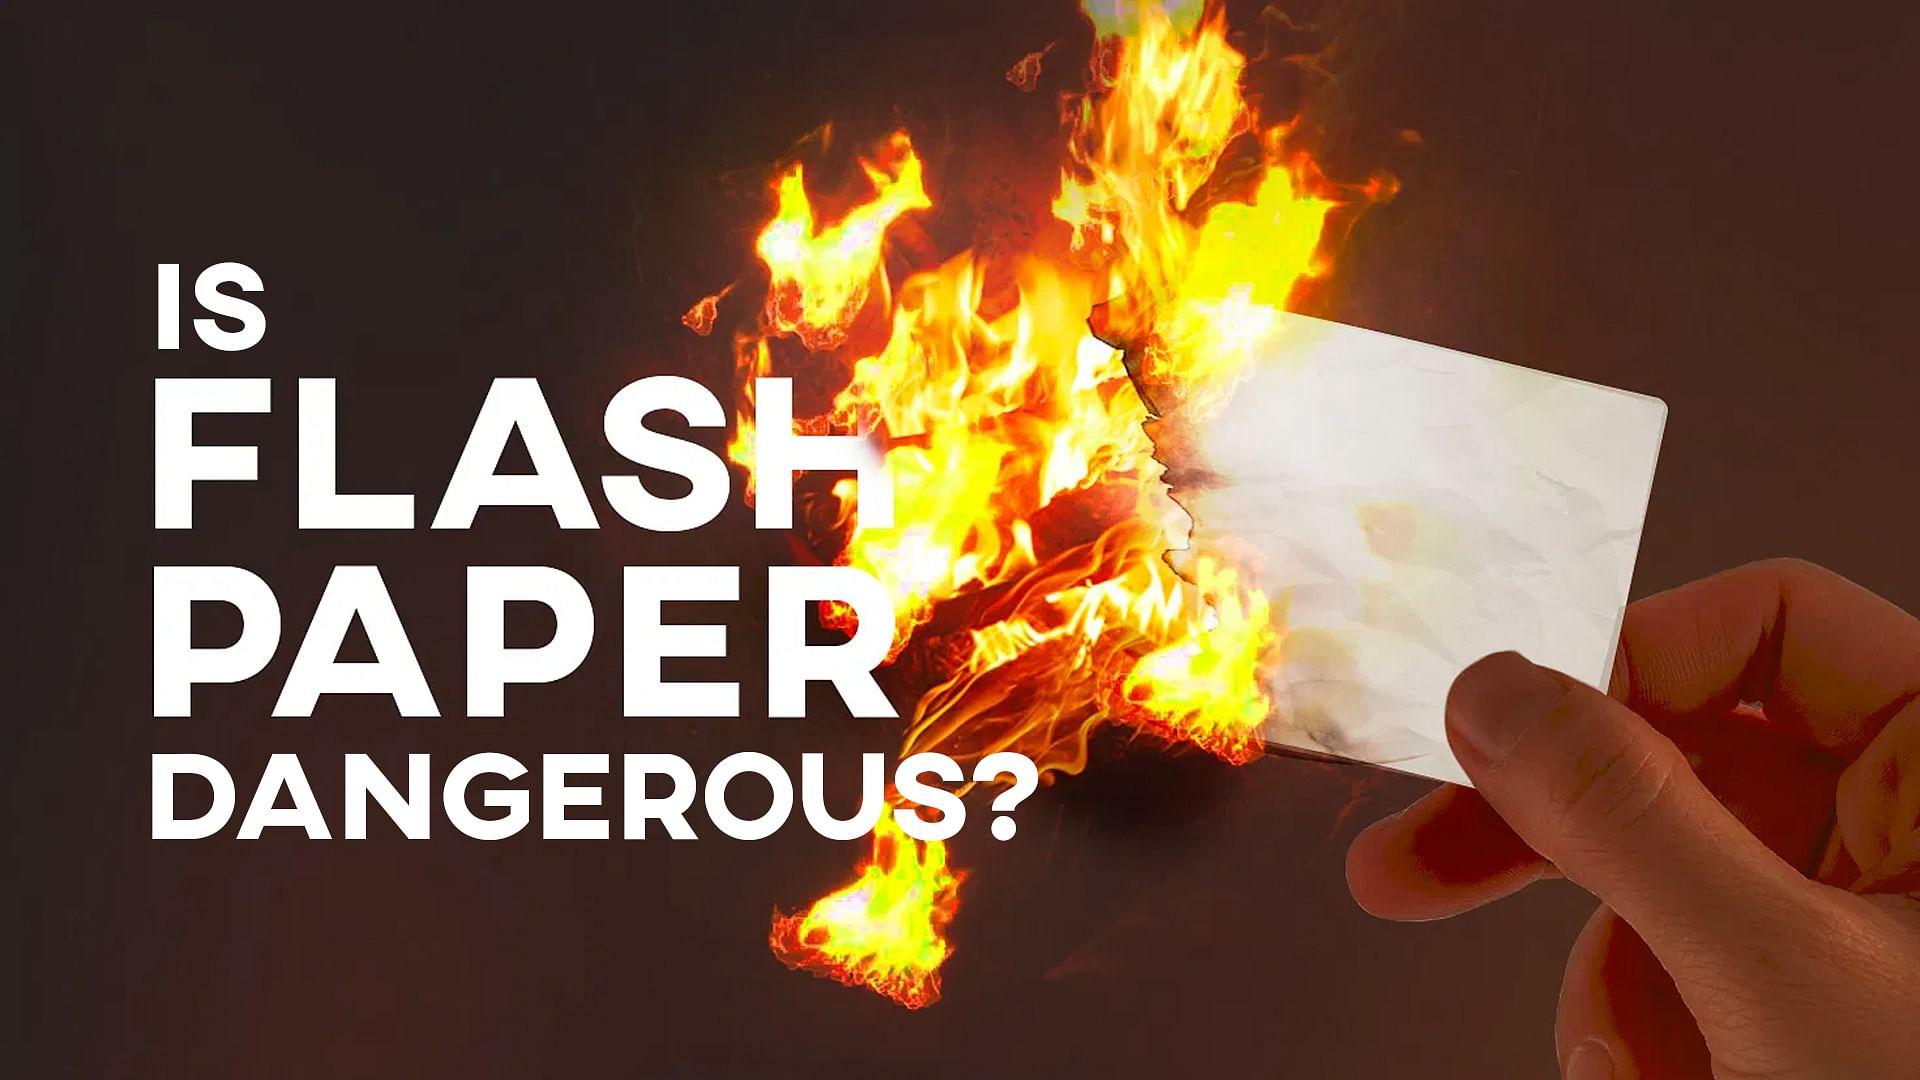 Is Flash Paper Dangerous?